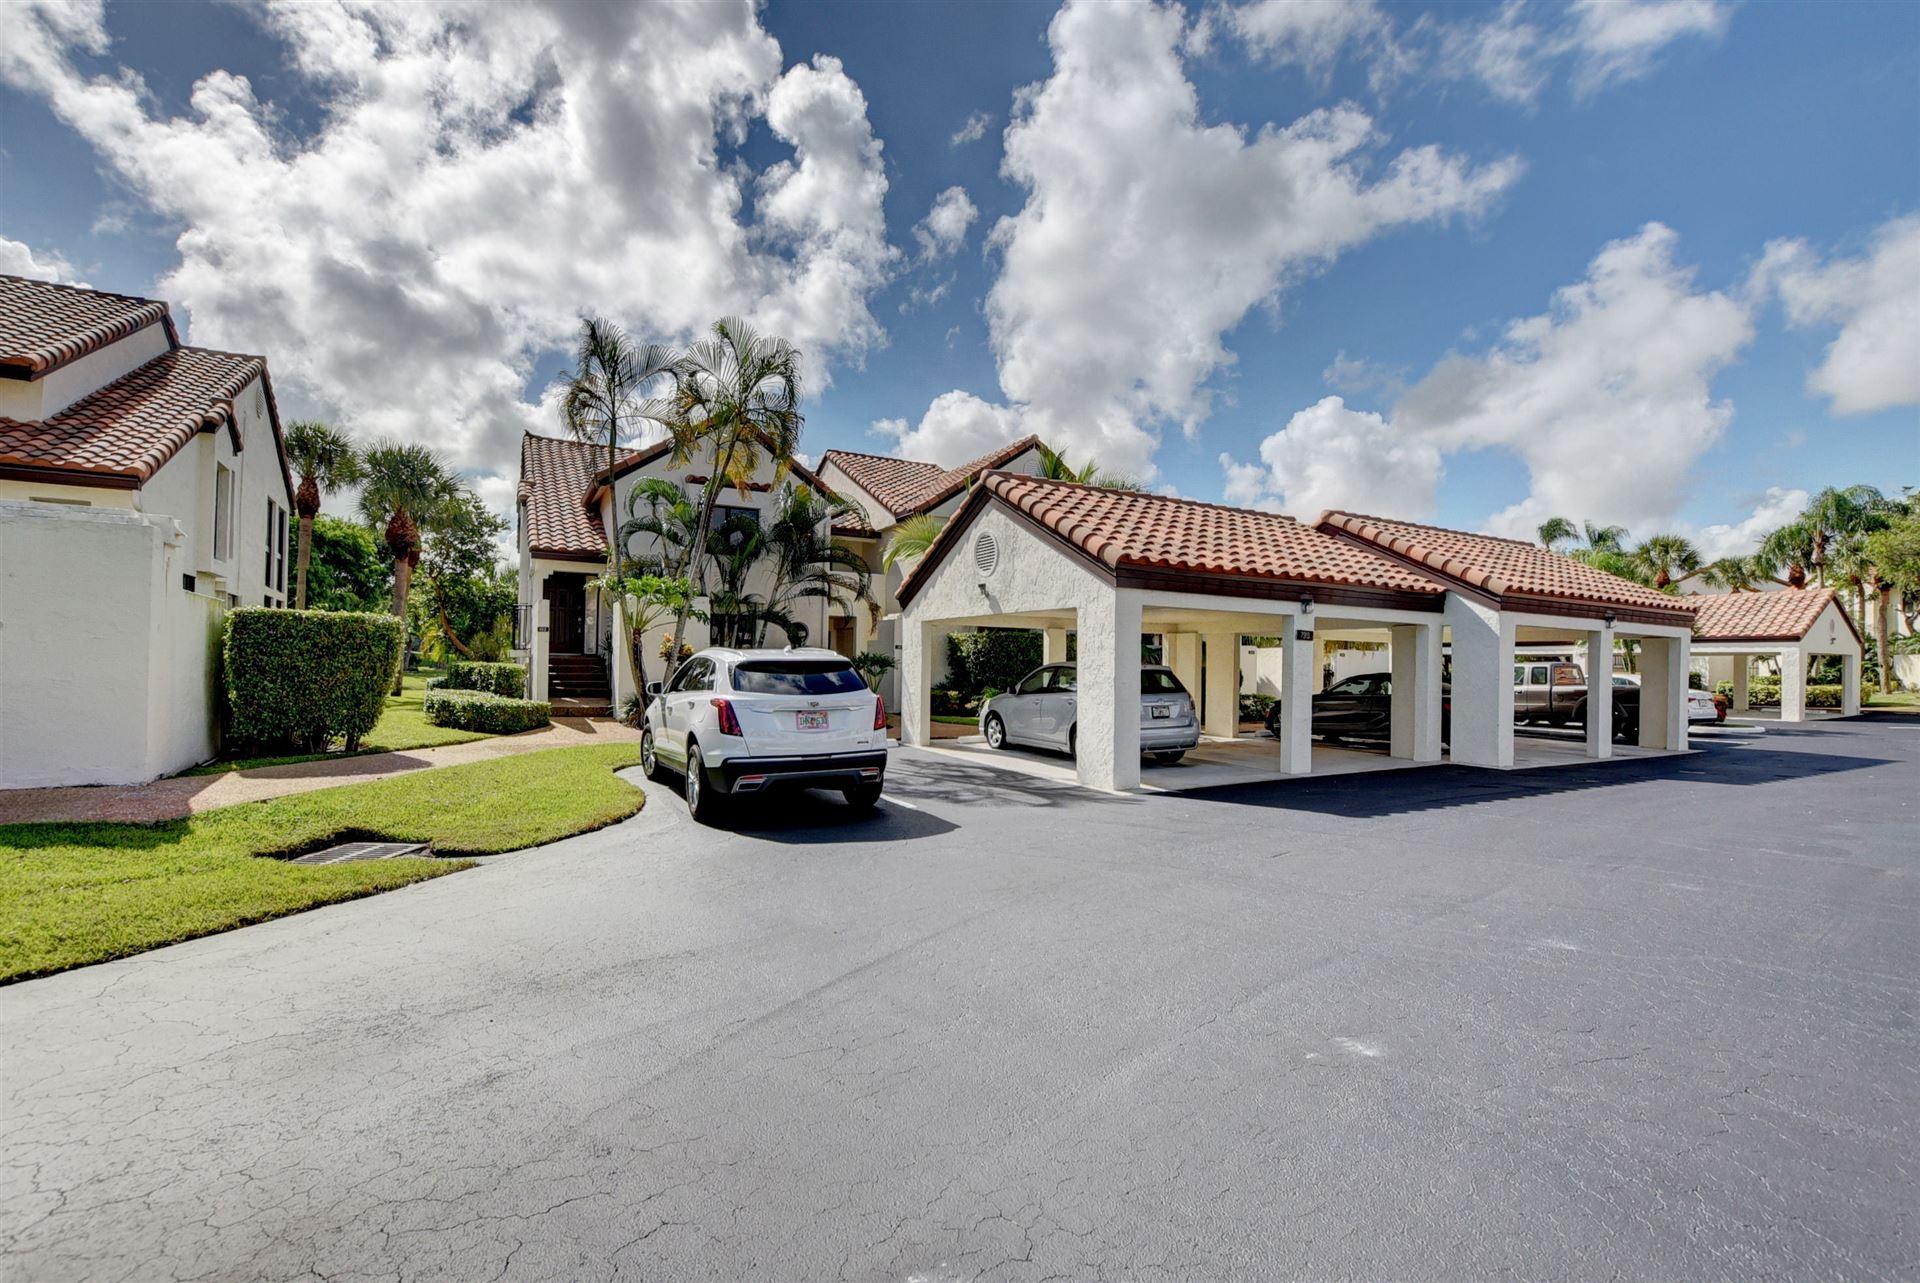 7918 Granada Place Place #101, Boca Raton, FL 33433 - #: RX-10649911